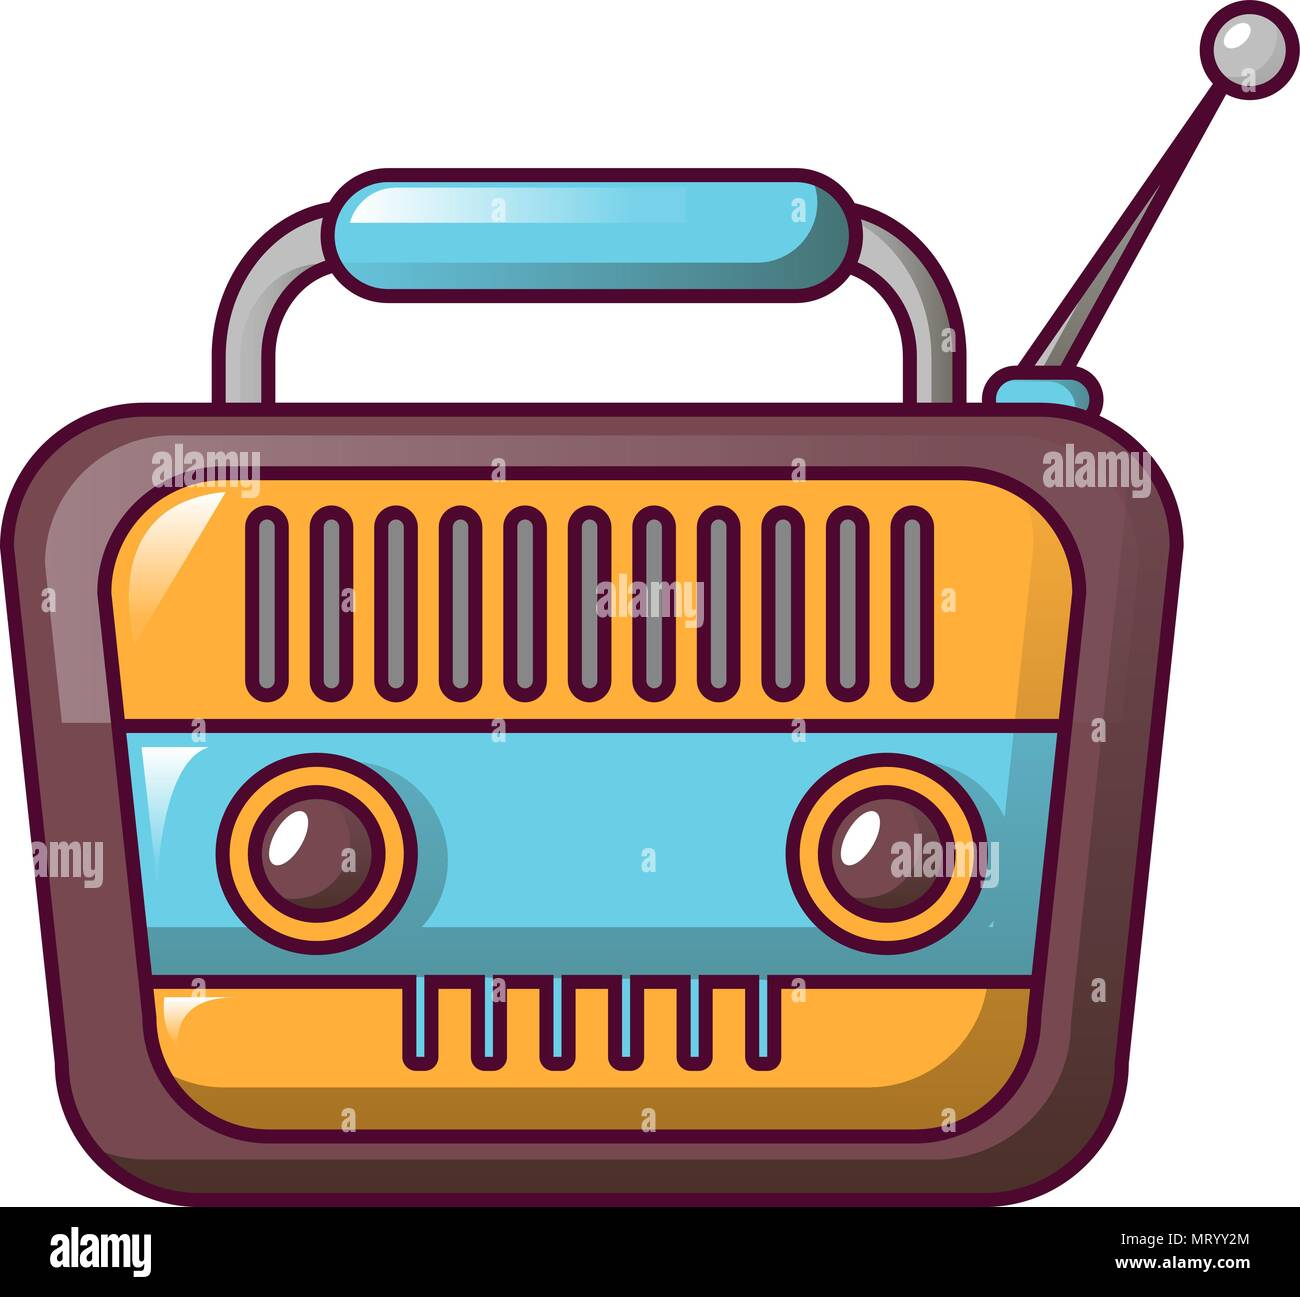 Icono De Radio Vintage Estilo De Dibujos Animados Ilustración Del